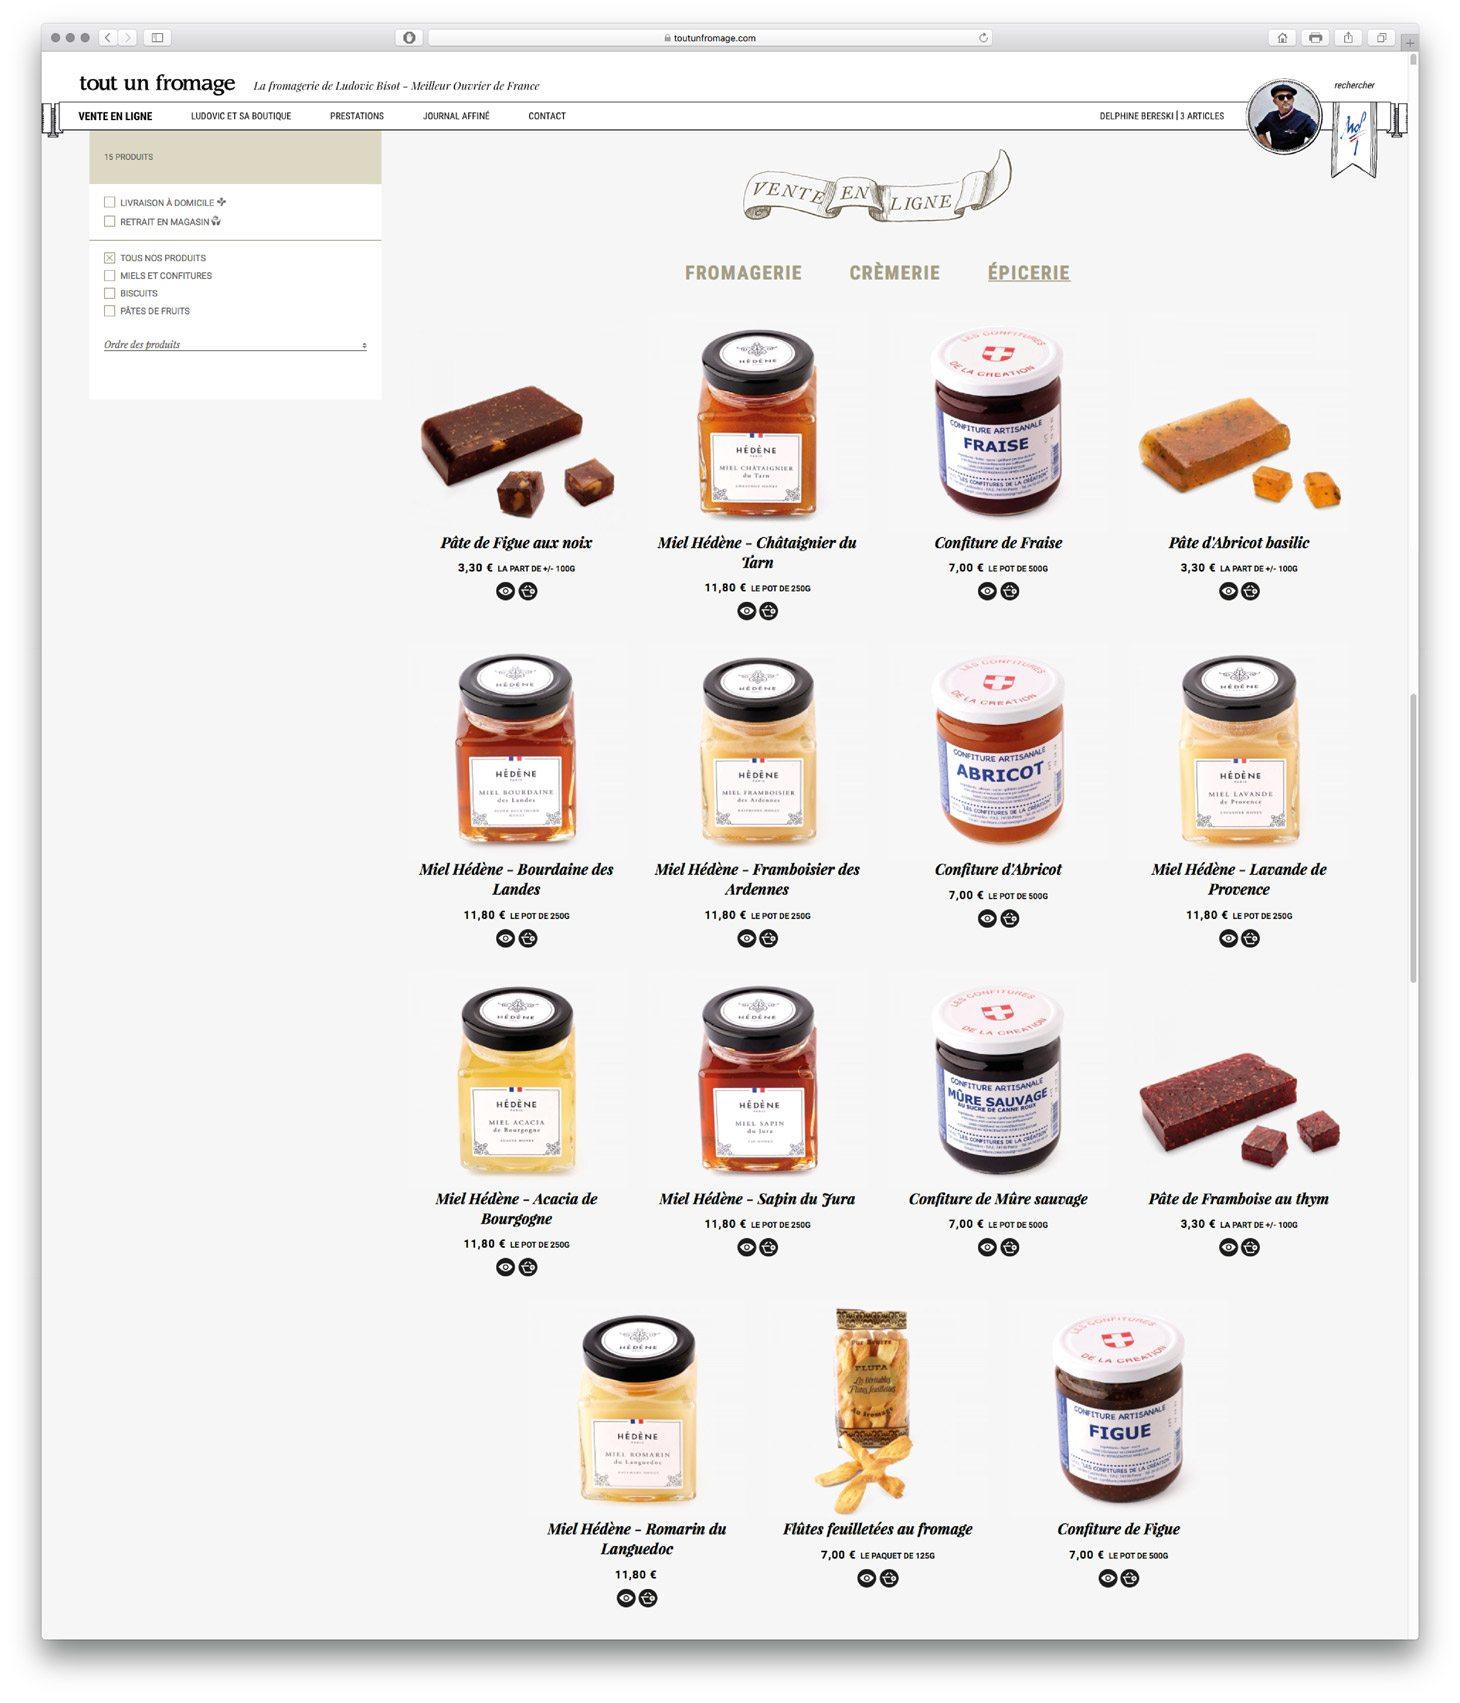 tout un fromage vente en ligne page produits épicerie miel hédène